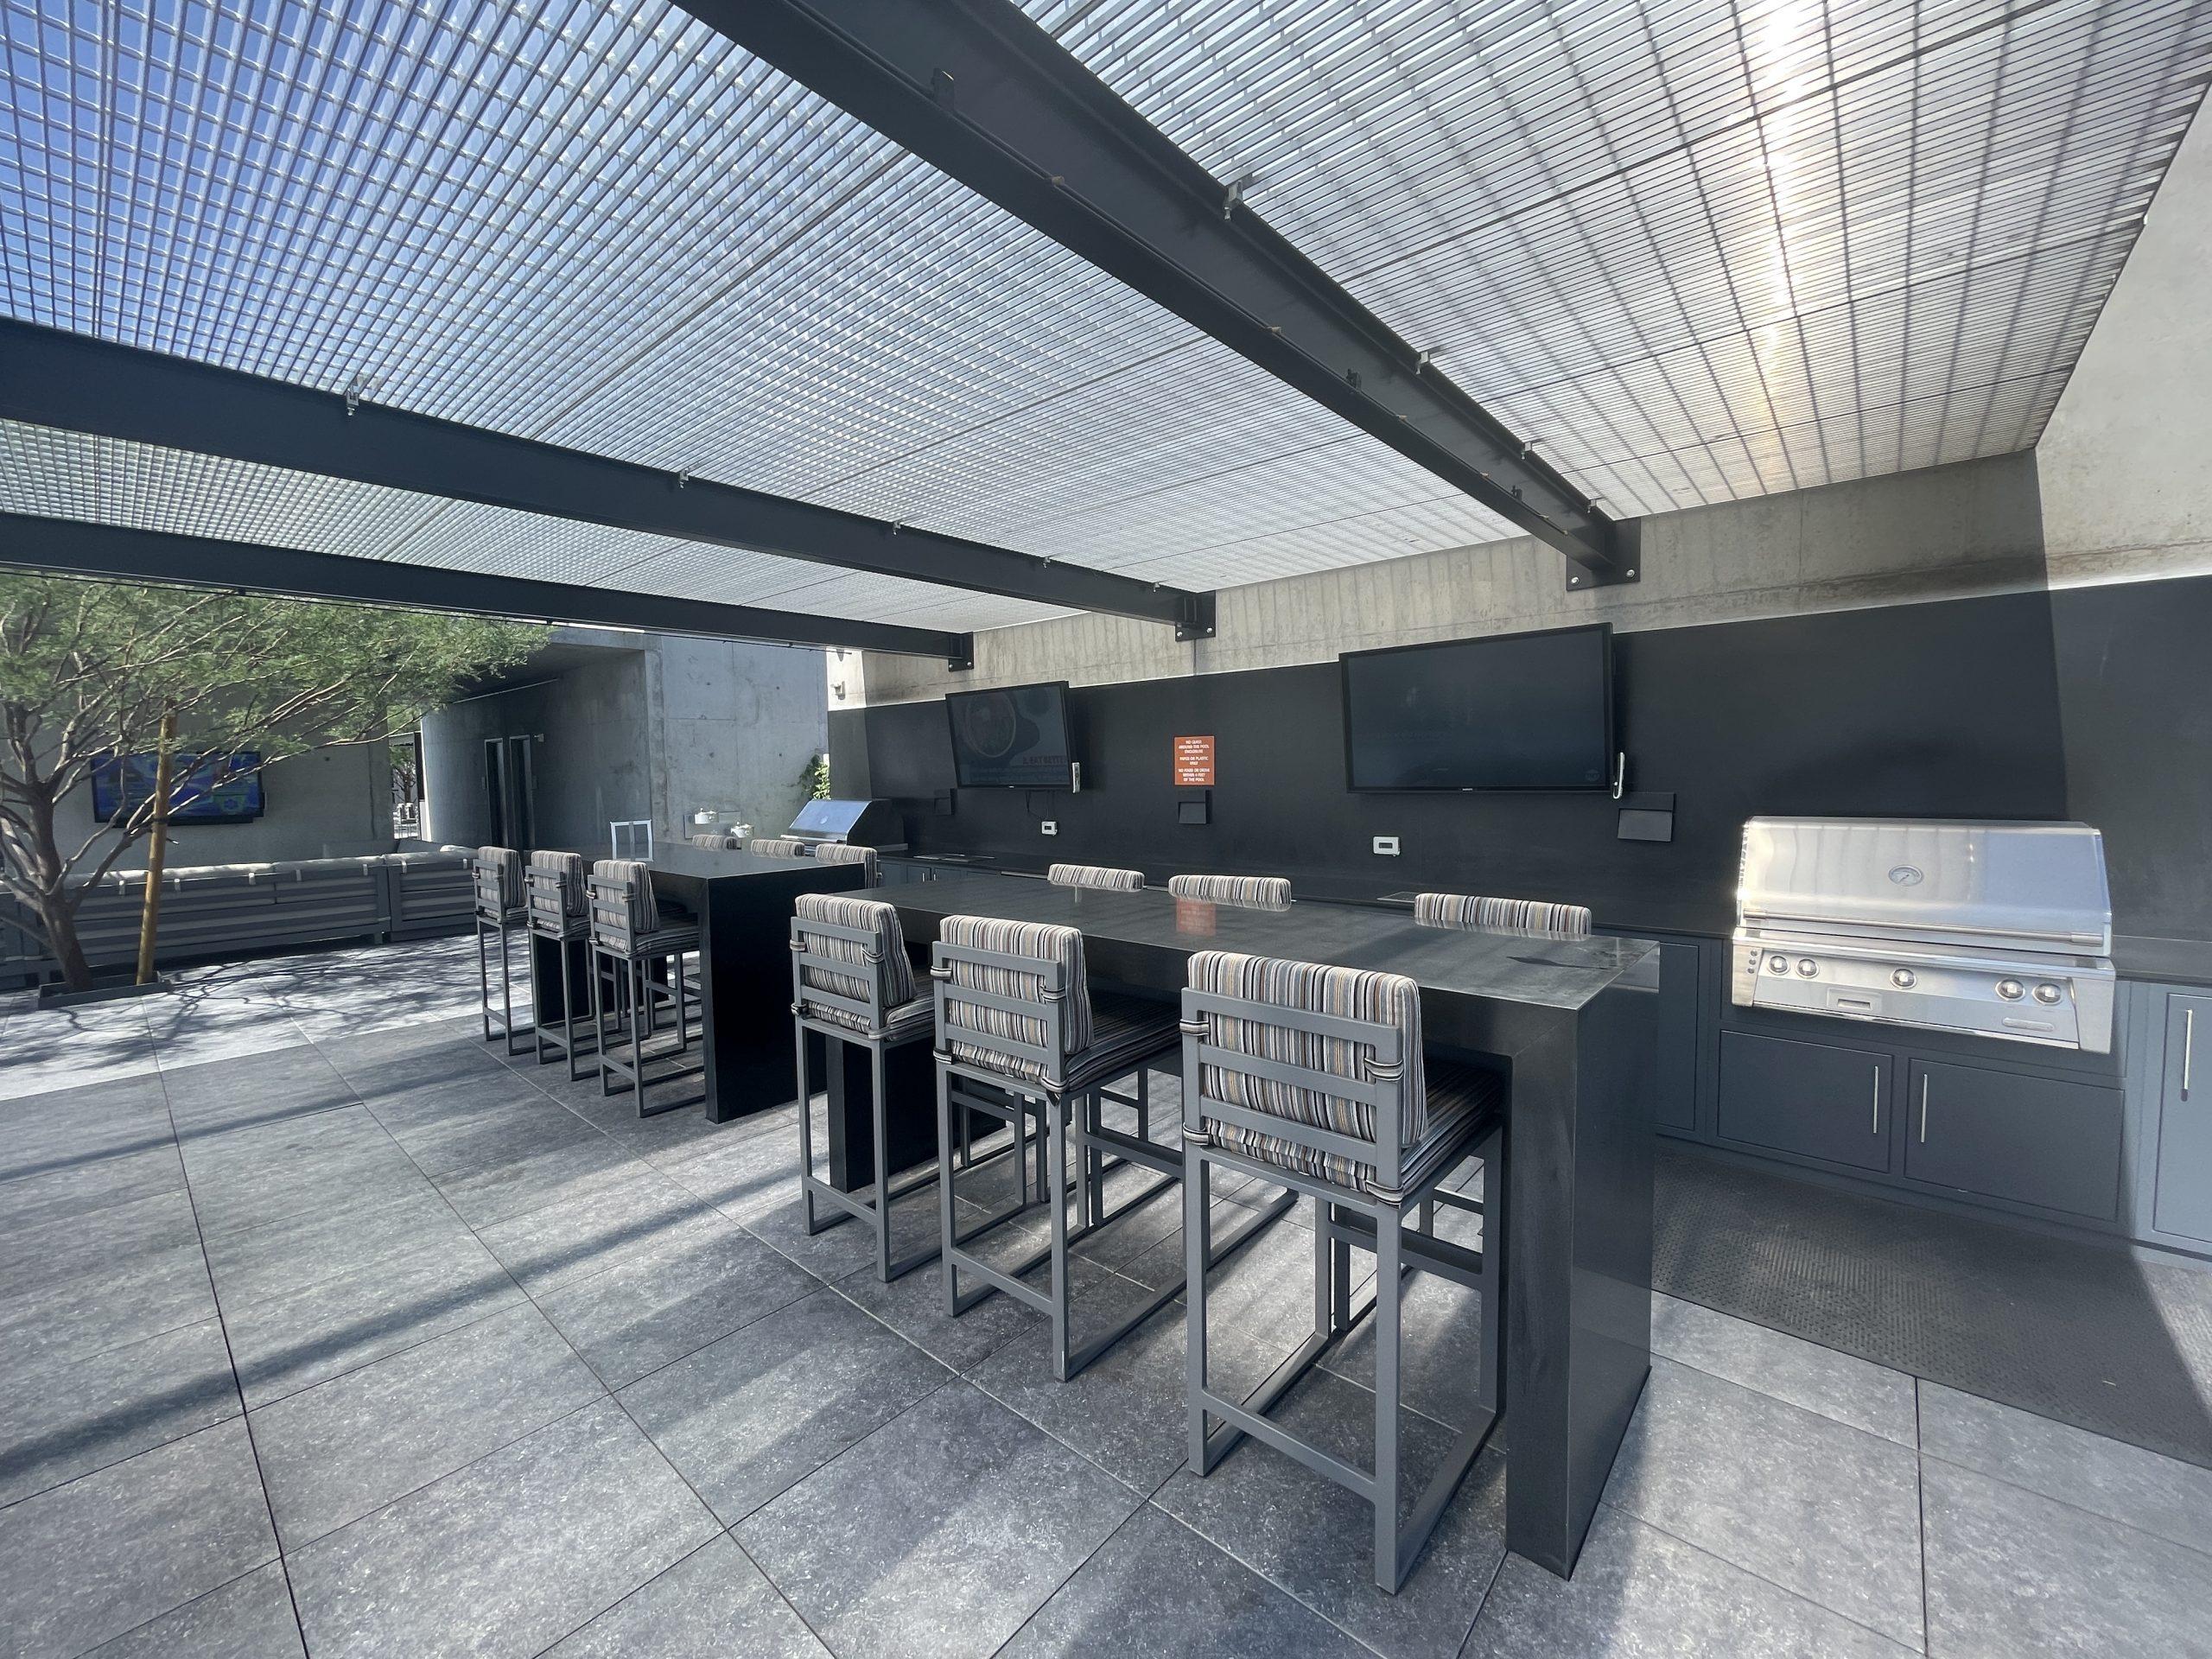 Rooftop amenities